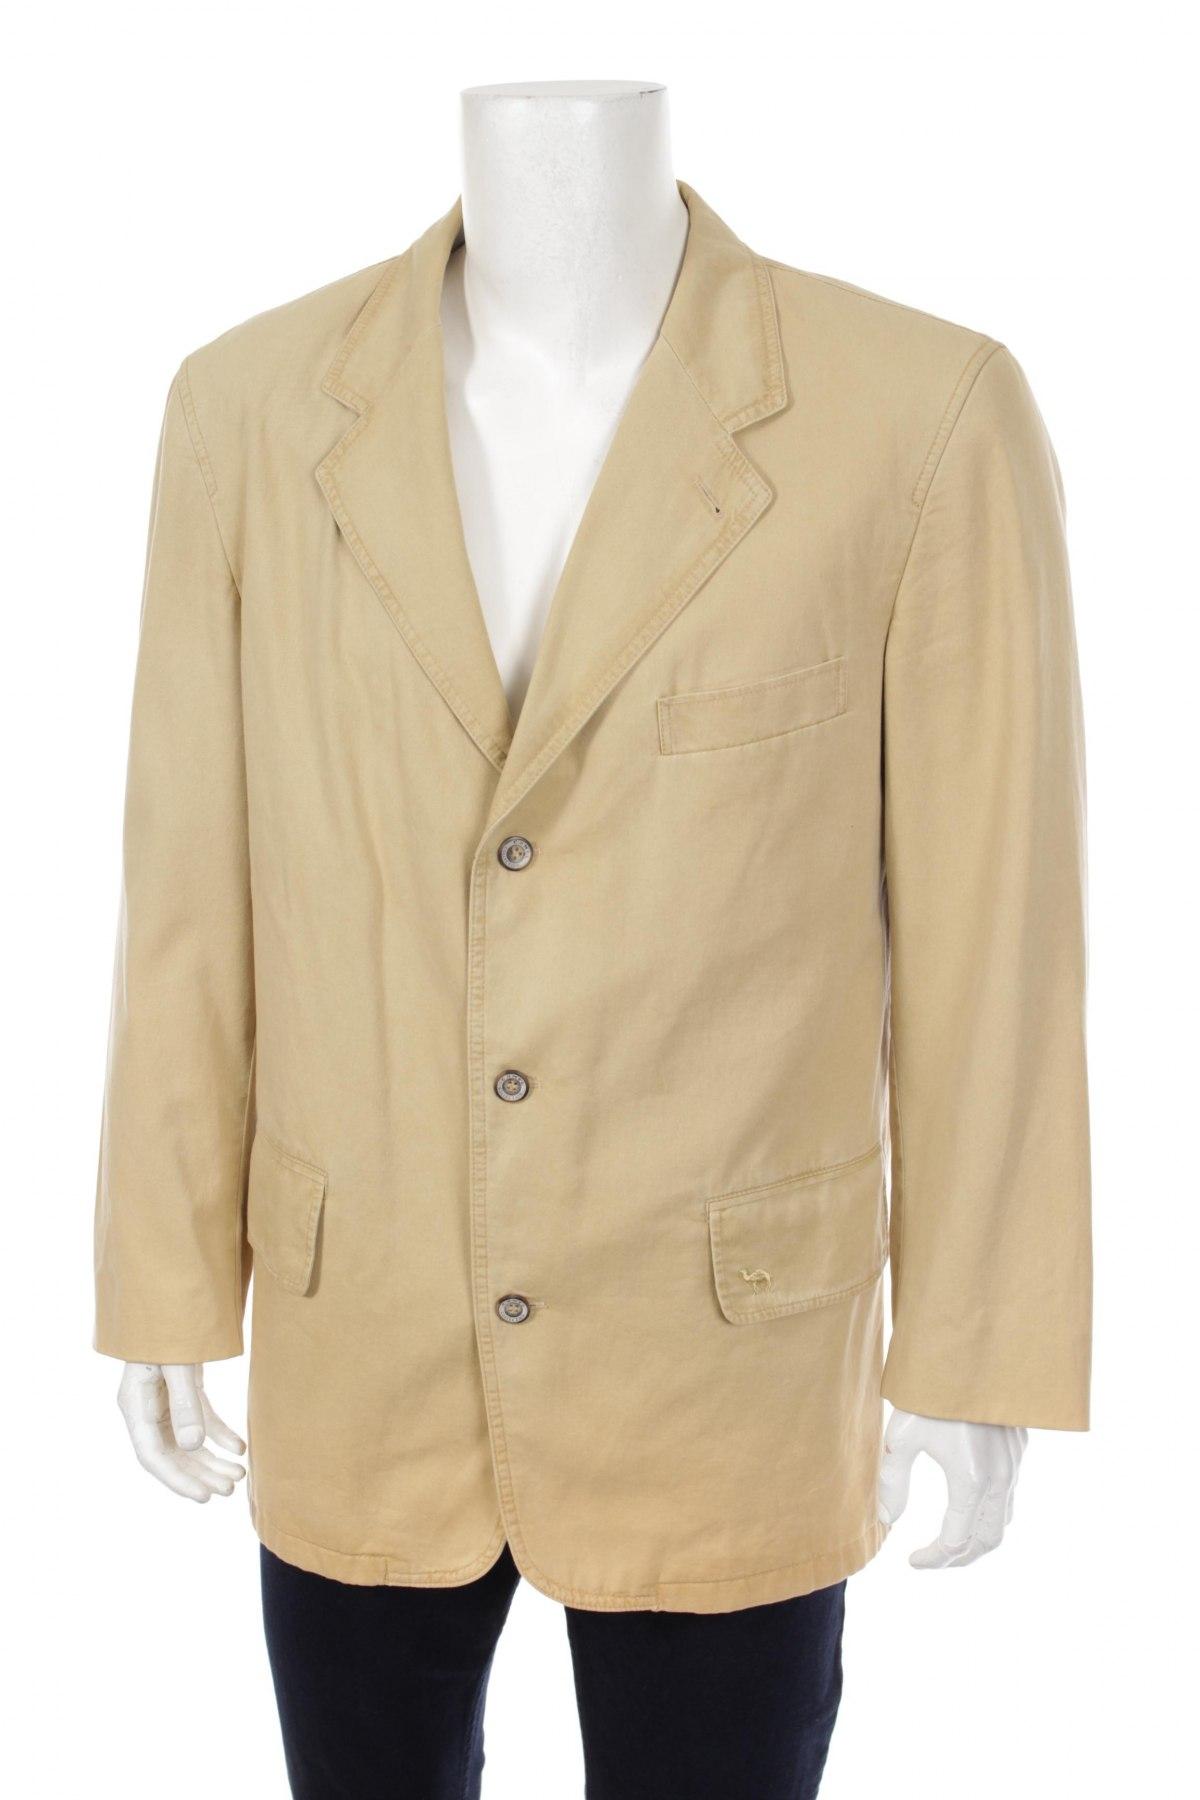 f546f586e870 Ανδρικό σακάκι Camel - σε συμφέρουσα τιμή στο Remix -  101546185